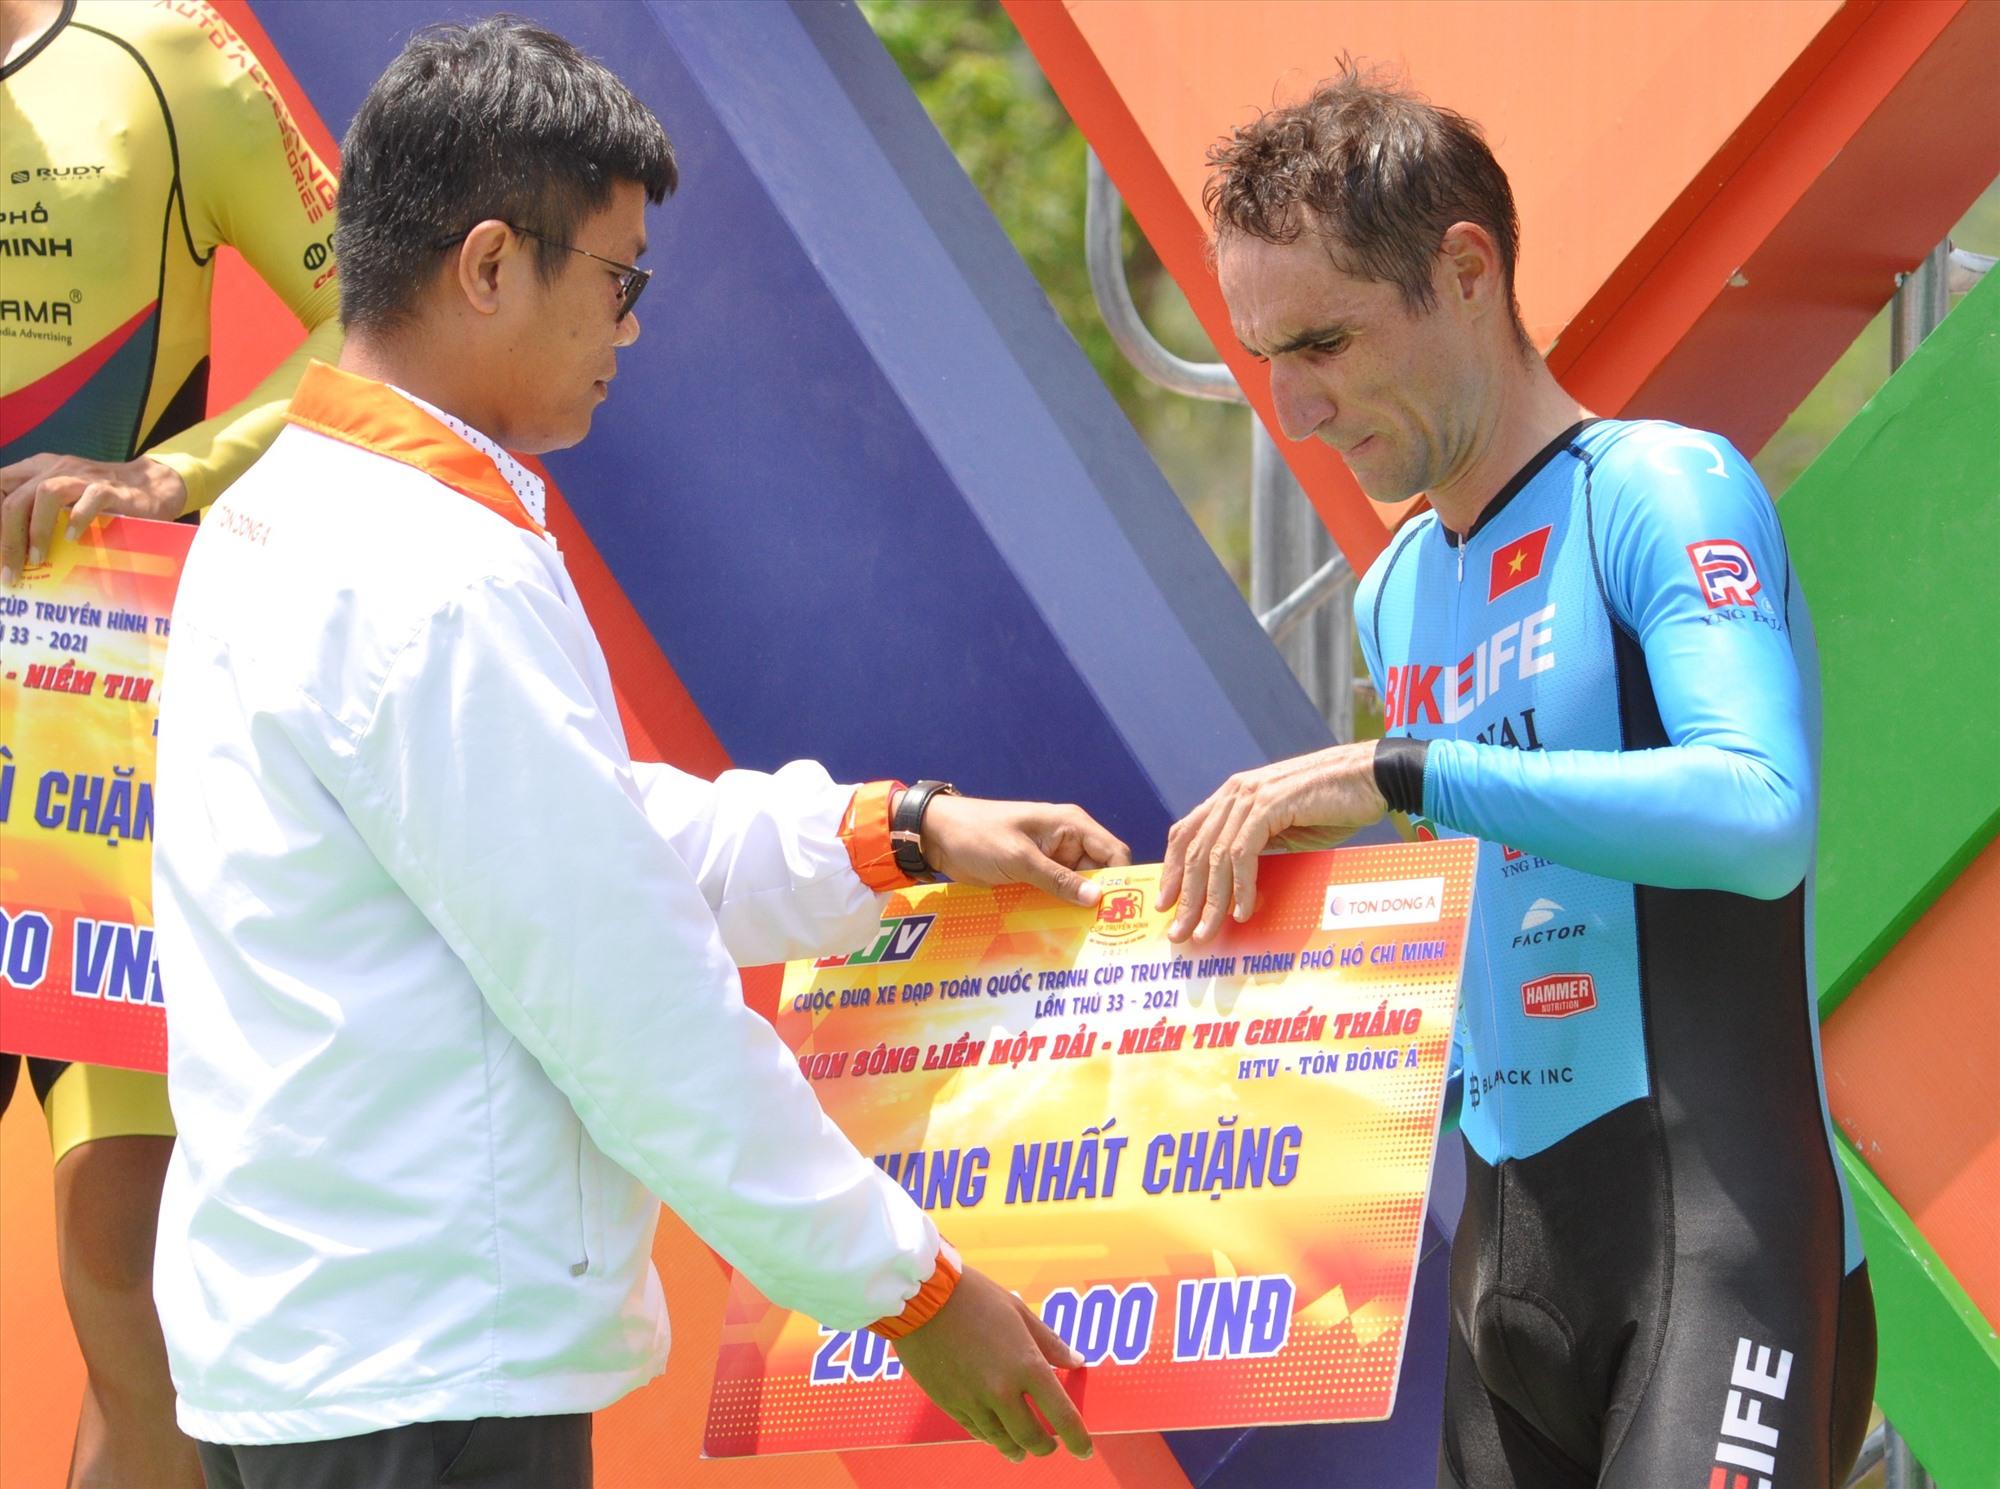 Tay đua Loic Desrias của đội Bike life Đồng Nai nhận giải nhất chặng 14. Ảnh: T.VY